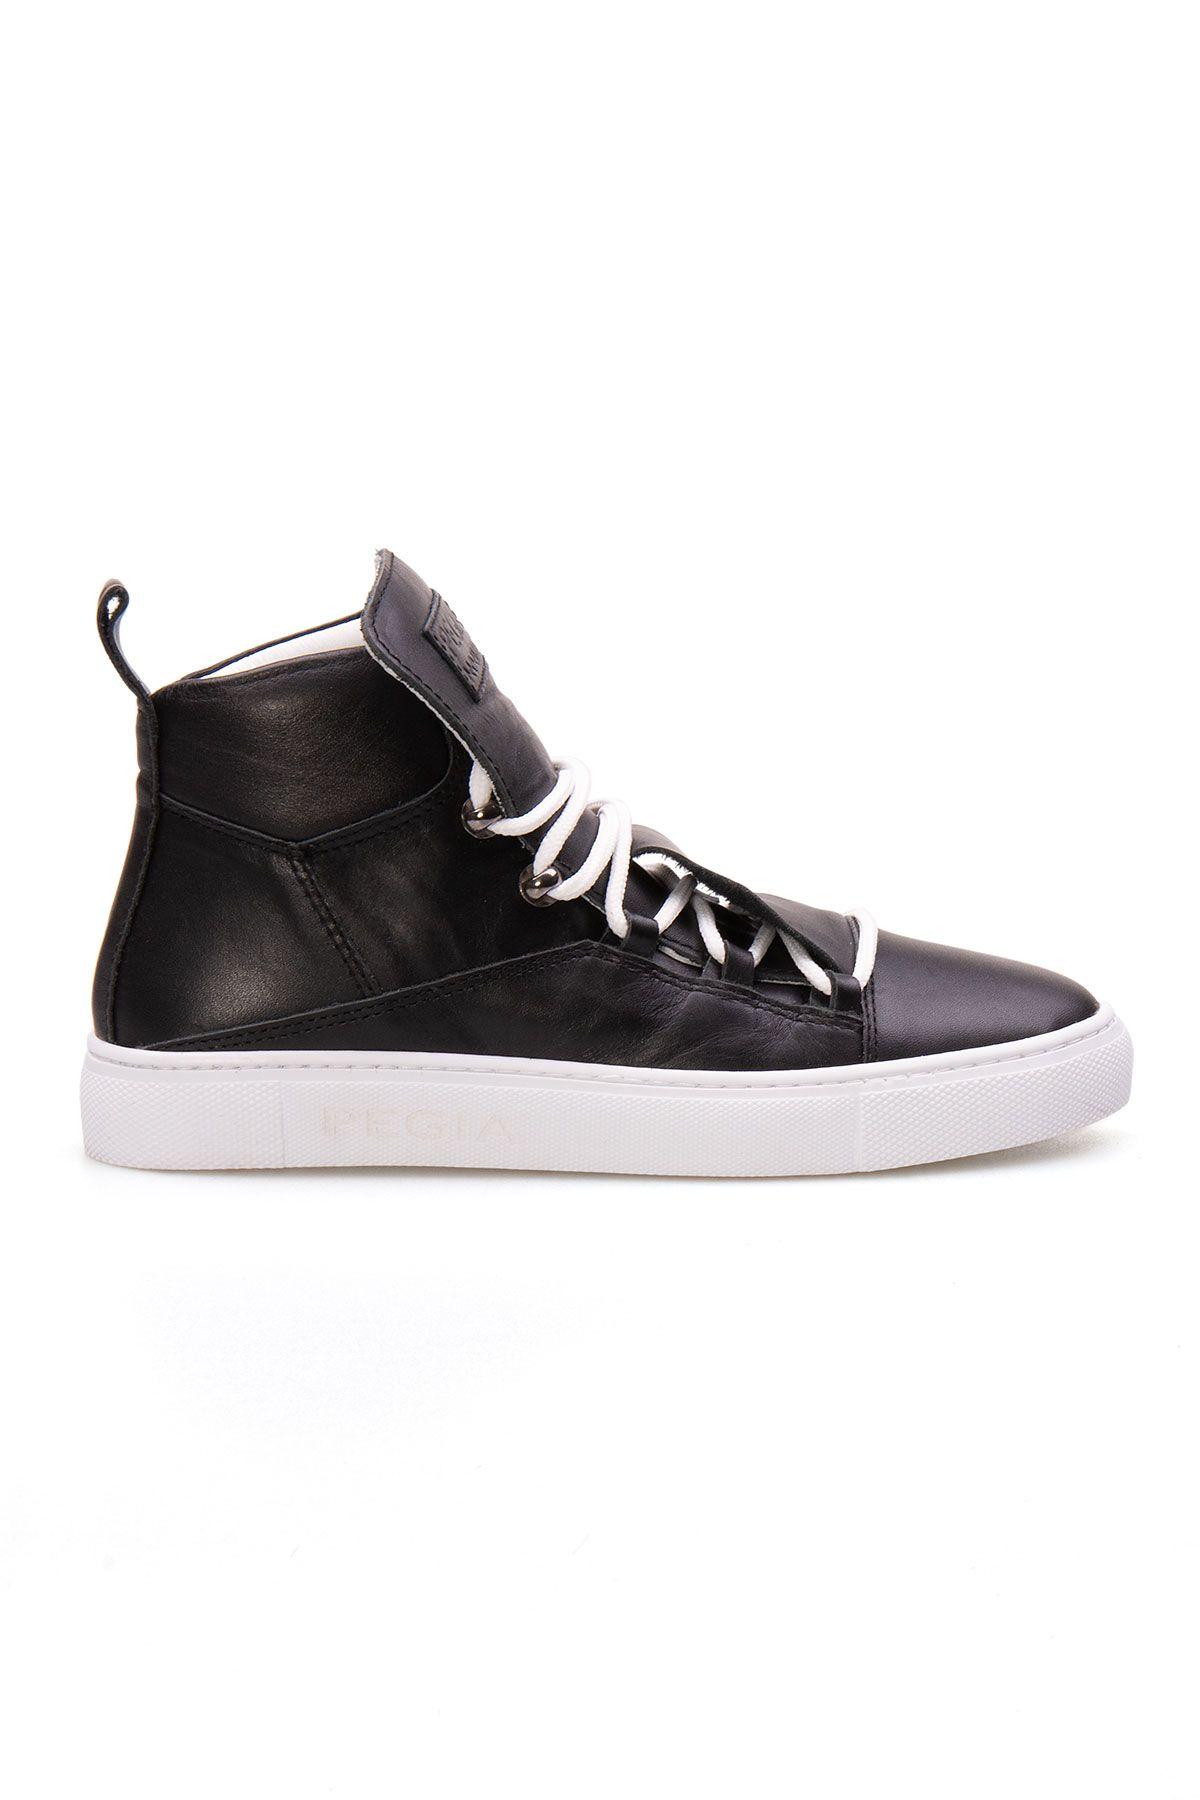 Pegia Genuine Leather Women's Sneaker LA1301 Black